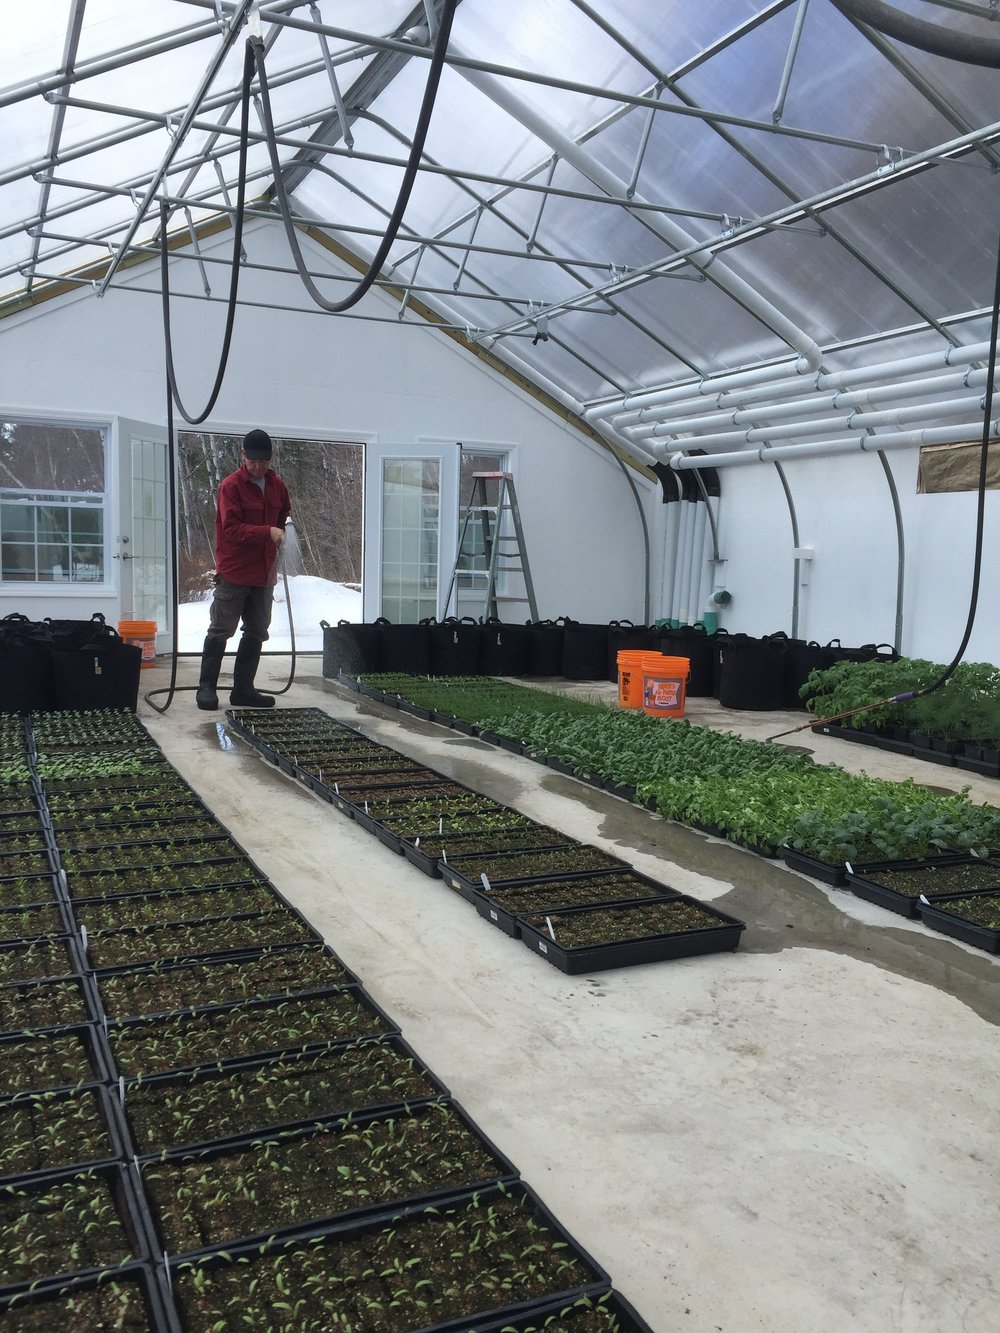 Watering seedlings.